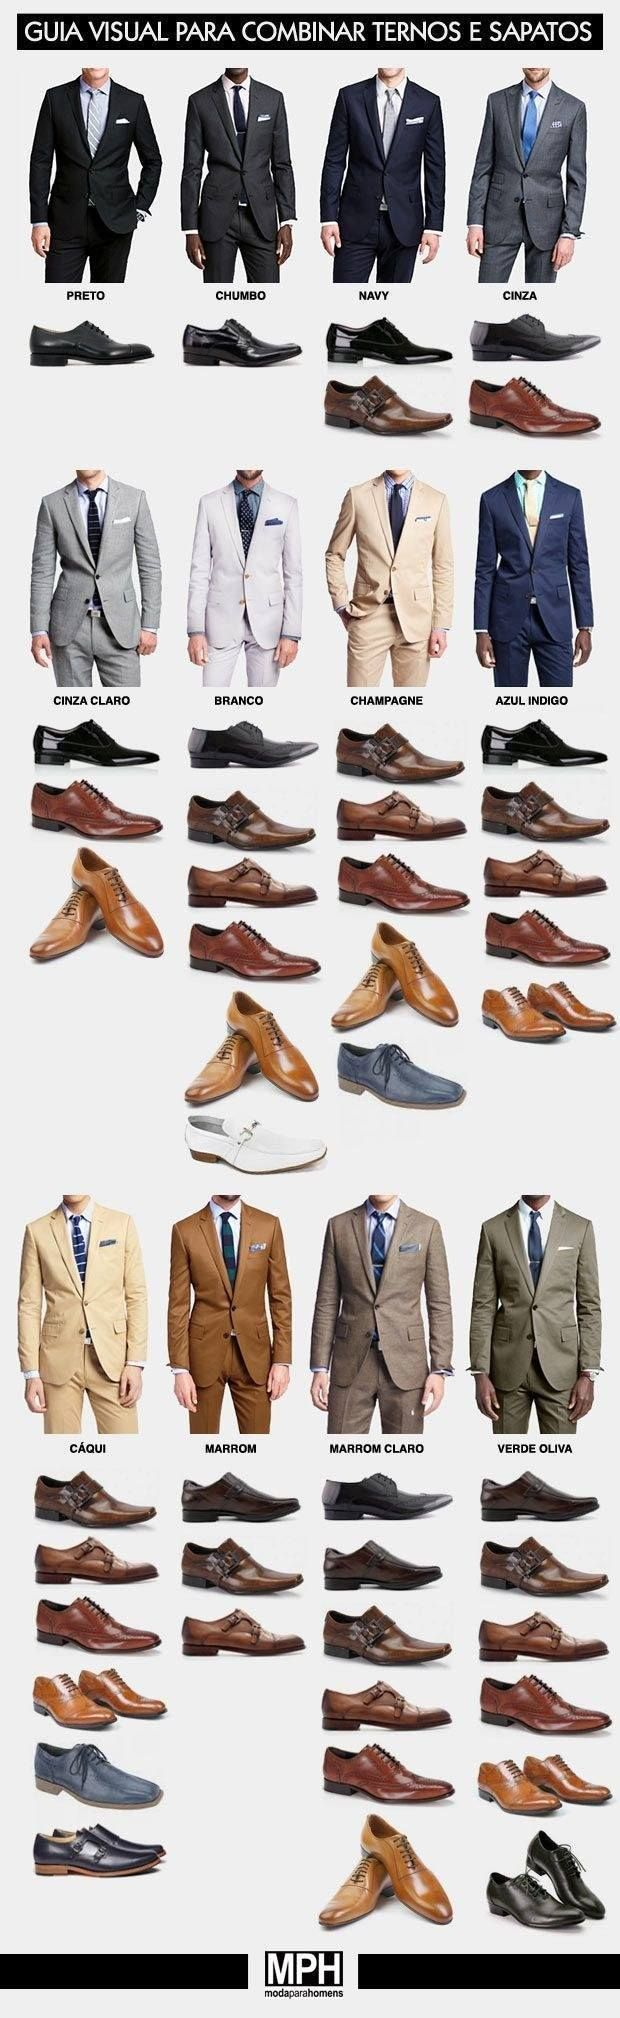 Cómo combinar zapatos con trajes masculinos, guía Visual